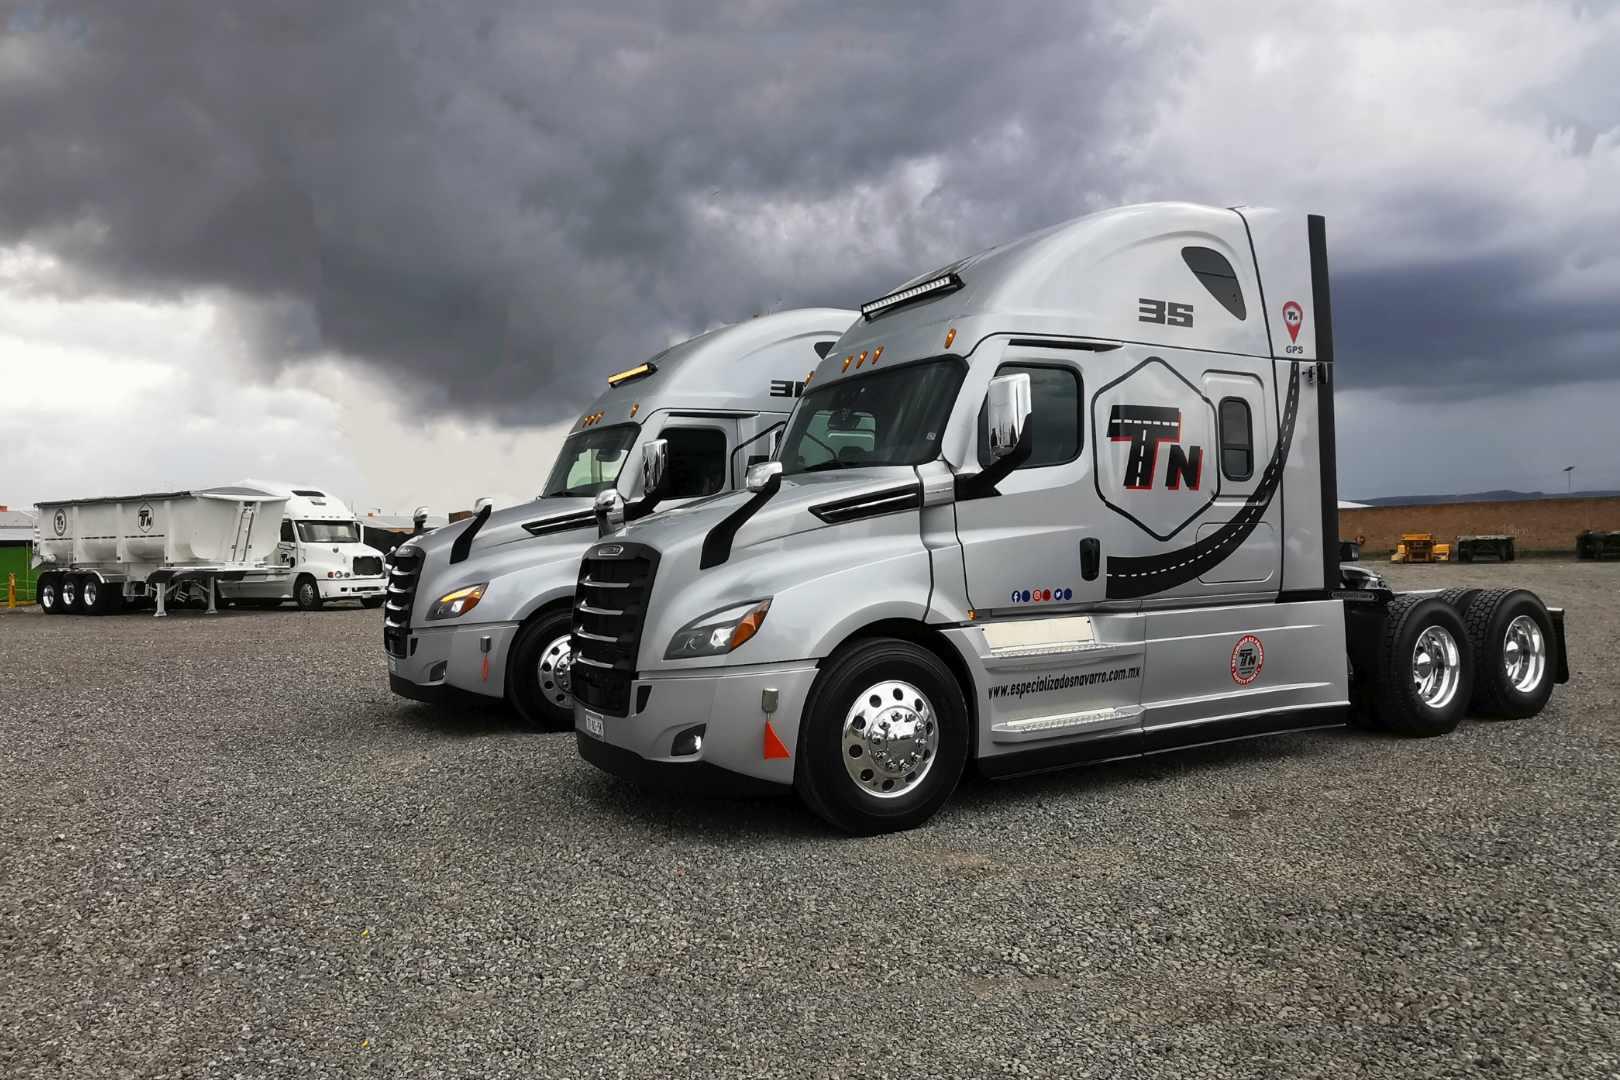 Euro Centro Camionero, Cascadia, Transportes Especializados Navarro, Daimler, Freightliner